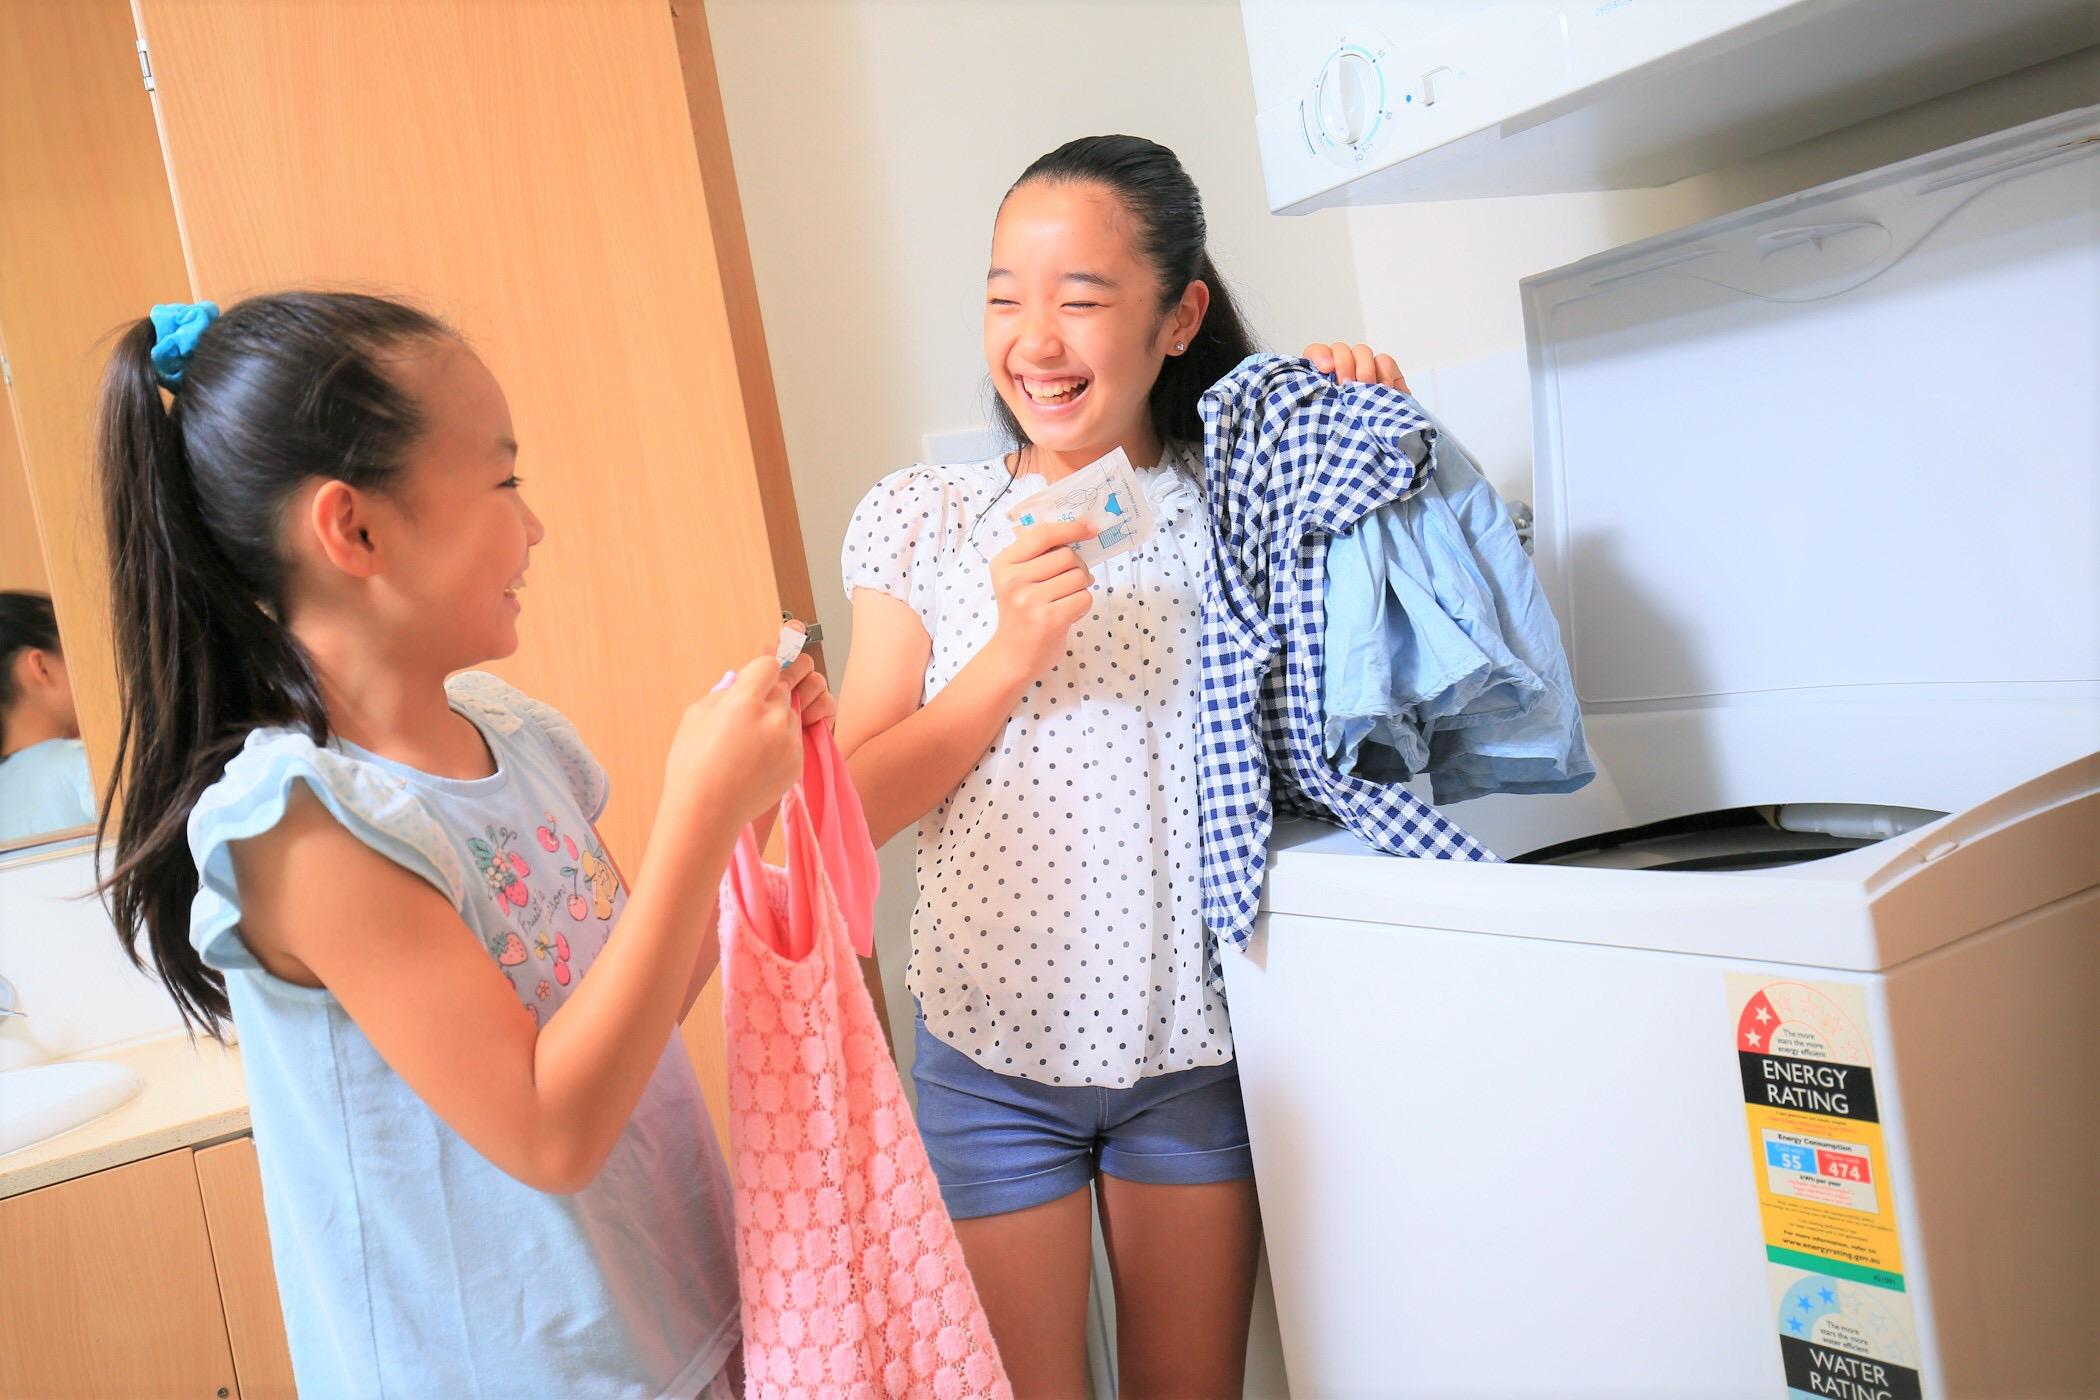 <p>お部屋内に洗濯機と乾燥機があるので滞在中に衣類が洗えるのは嬉しい!使い方はとっても簡単!</p>